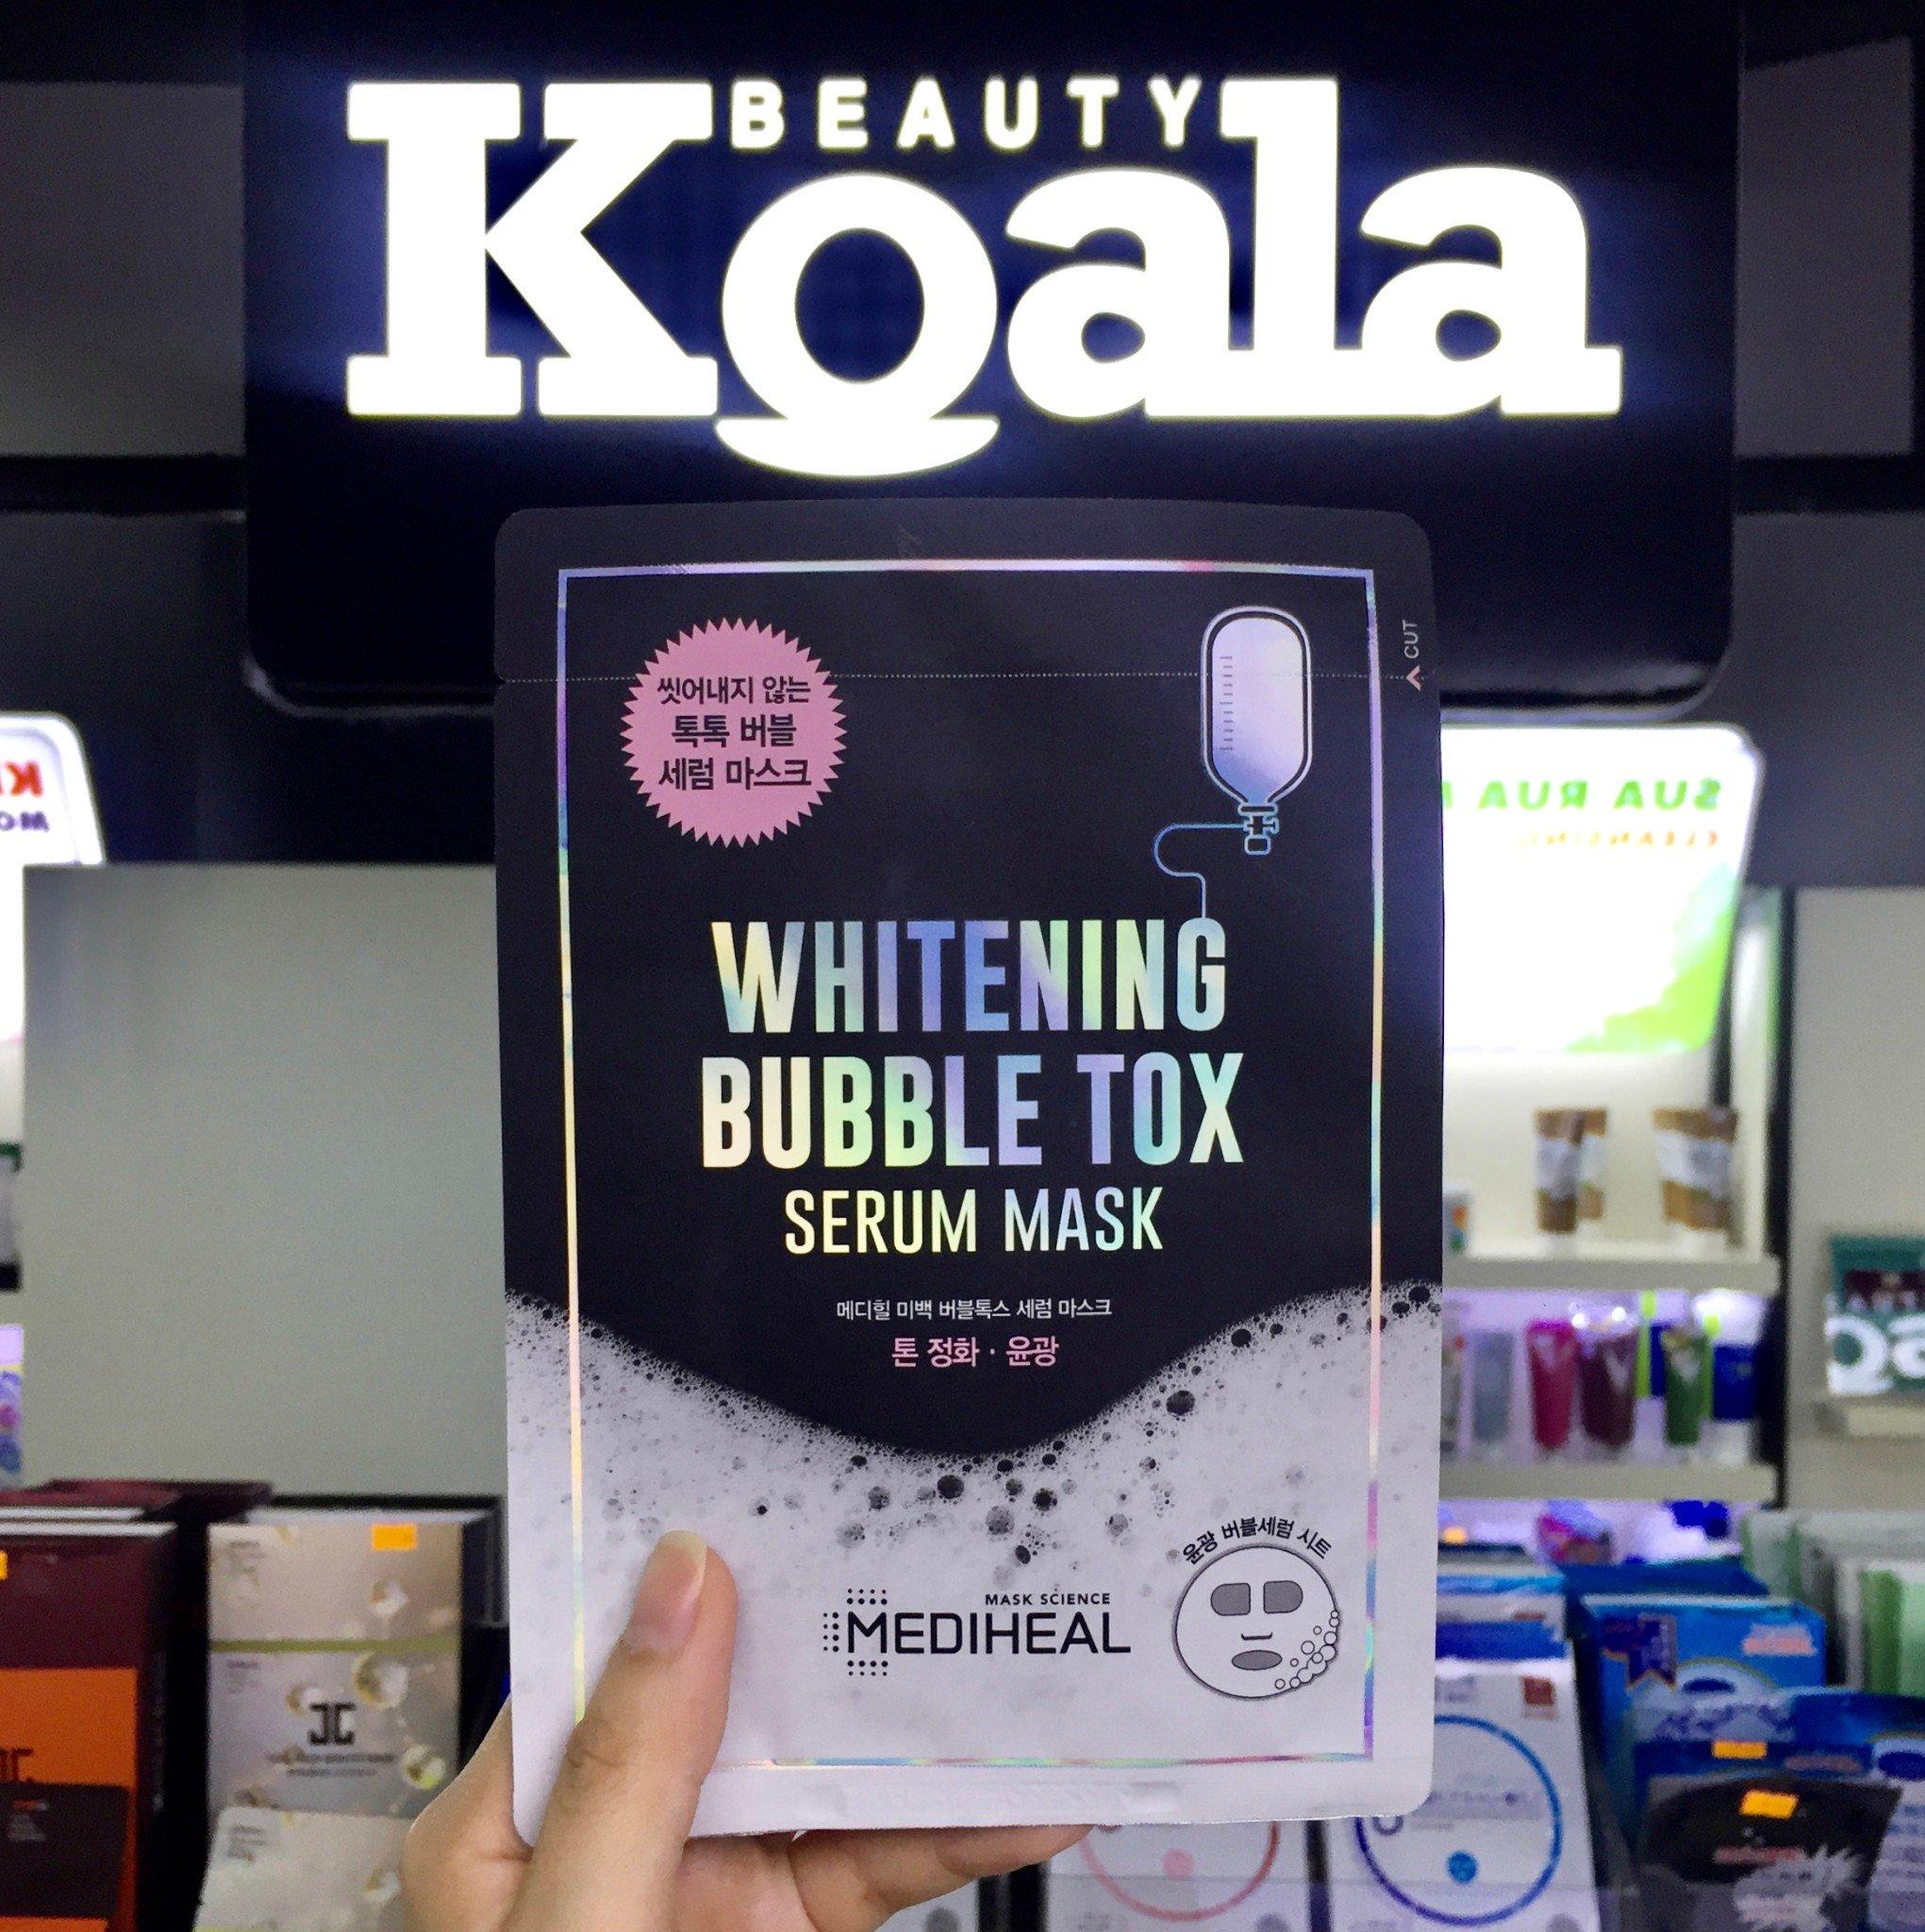 Mặt Nạ Trắng Mịn Sủi Bọt Thải Độc Da Mediheal Whitening Bubble Tox Serum Mask